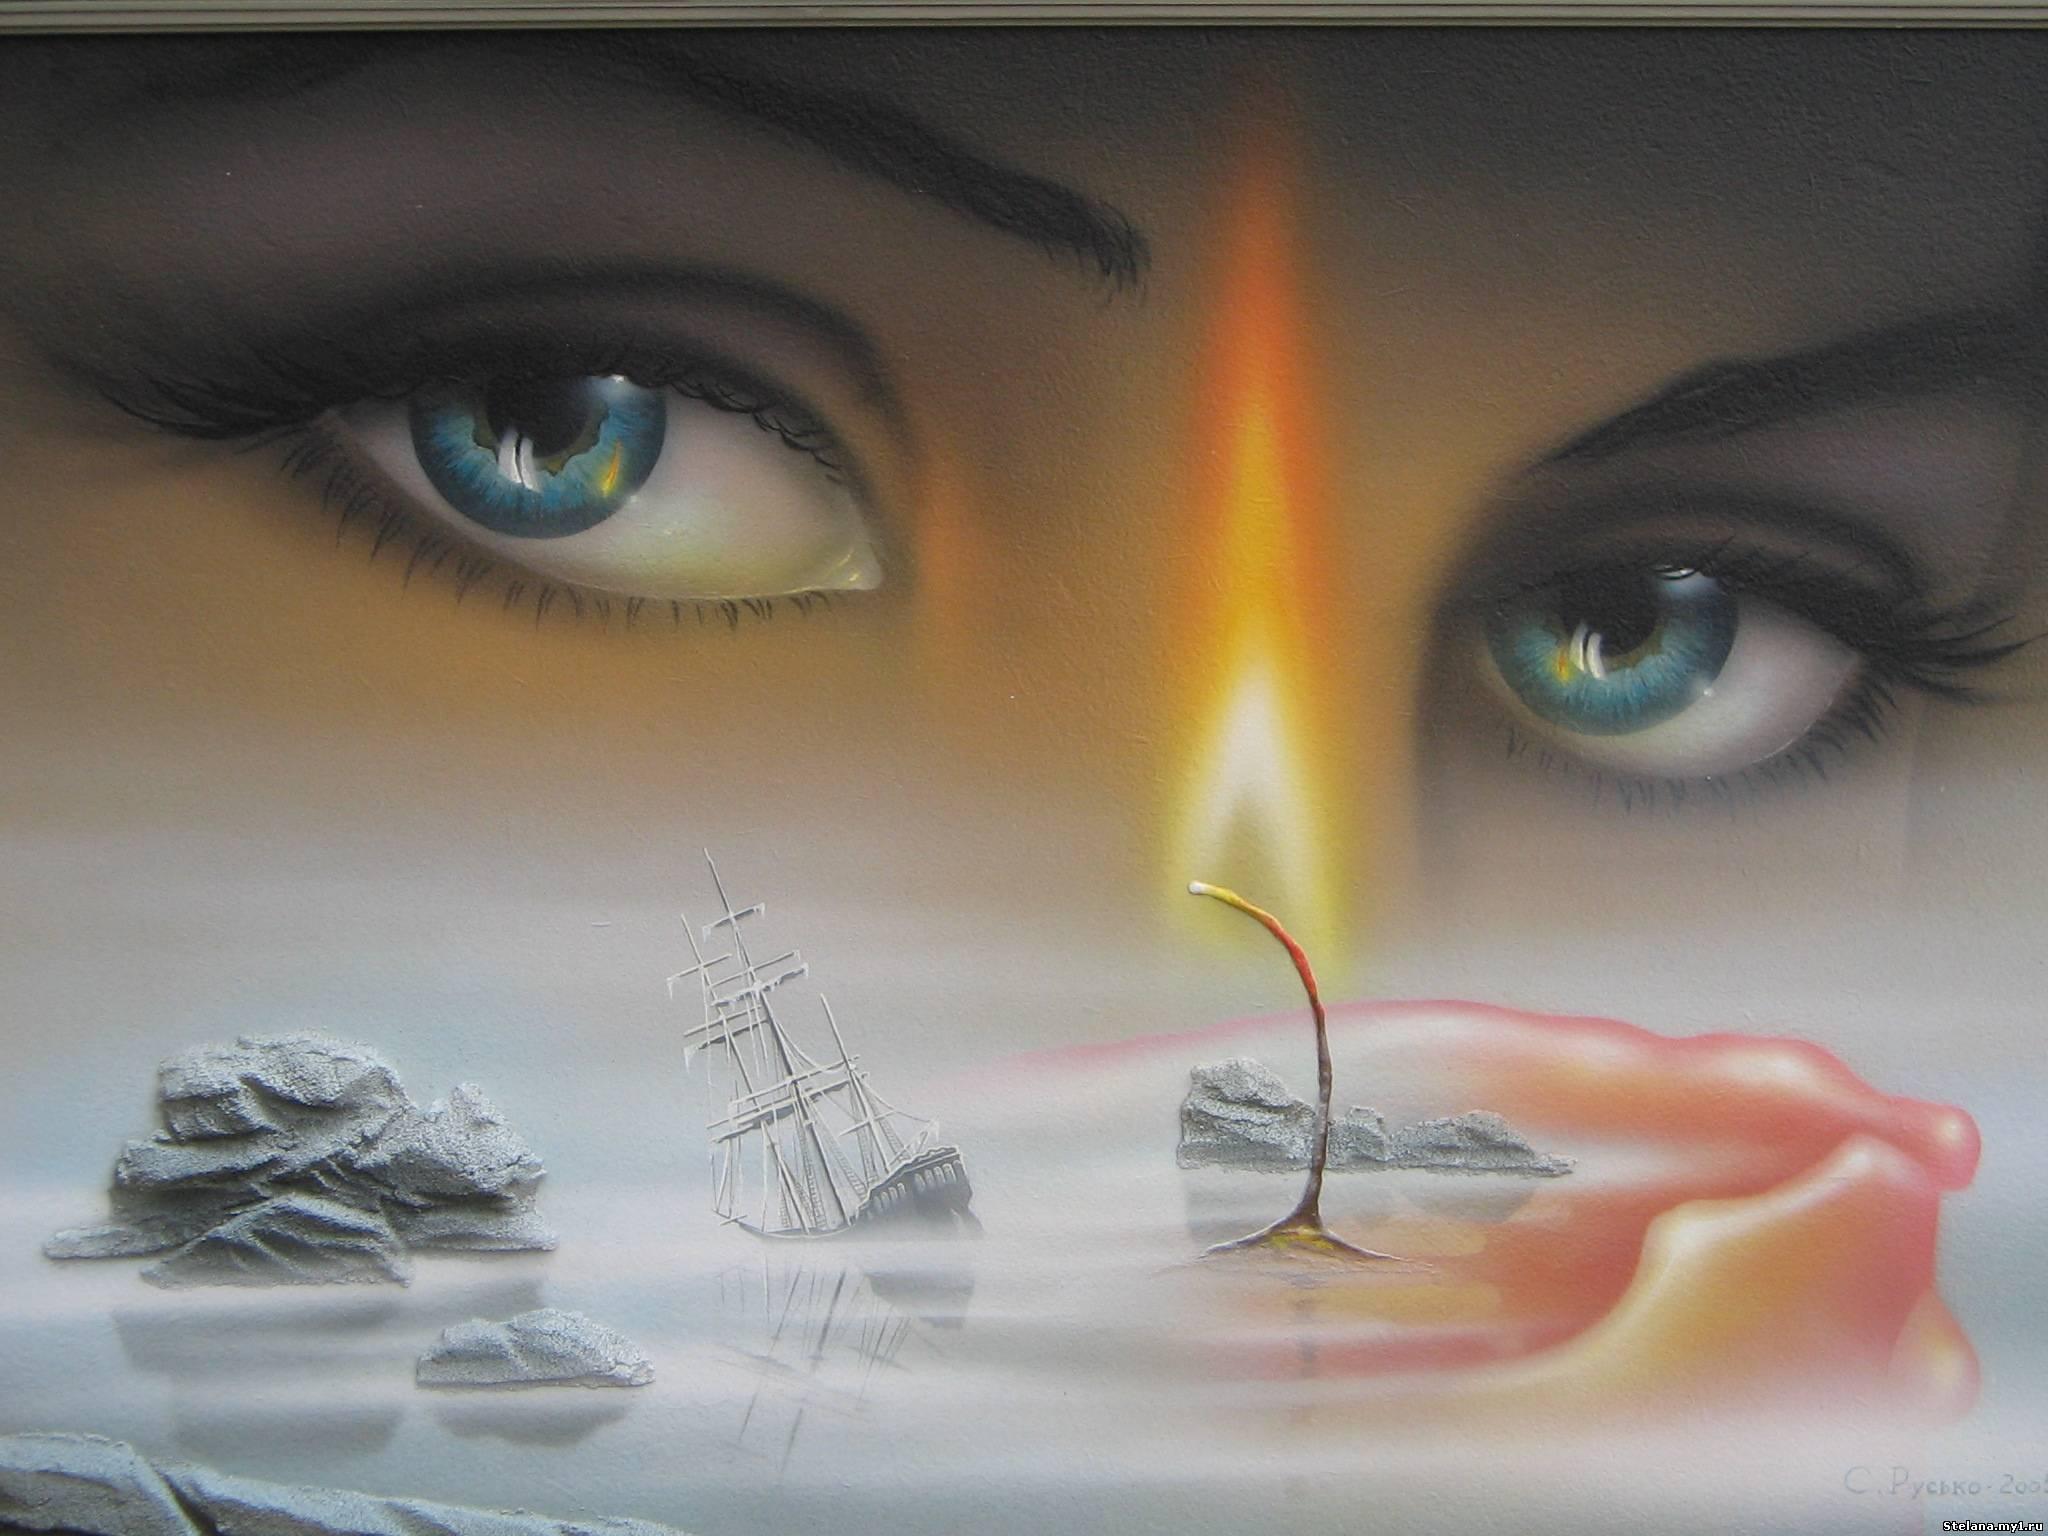 канделаки поздравление об глазах серых добро вас